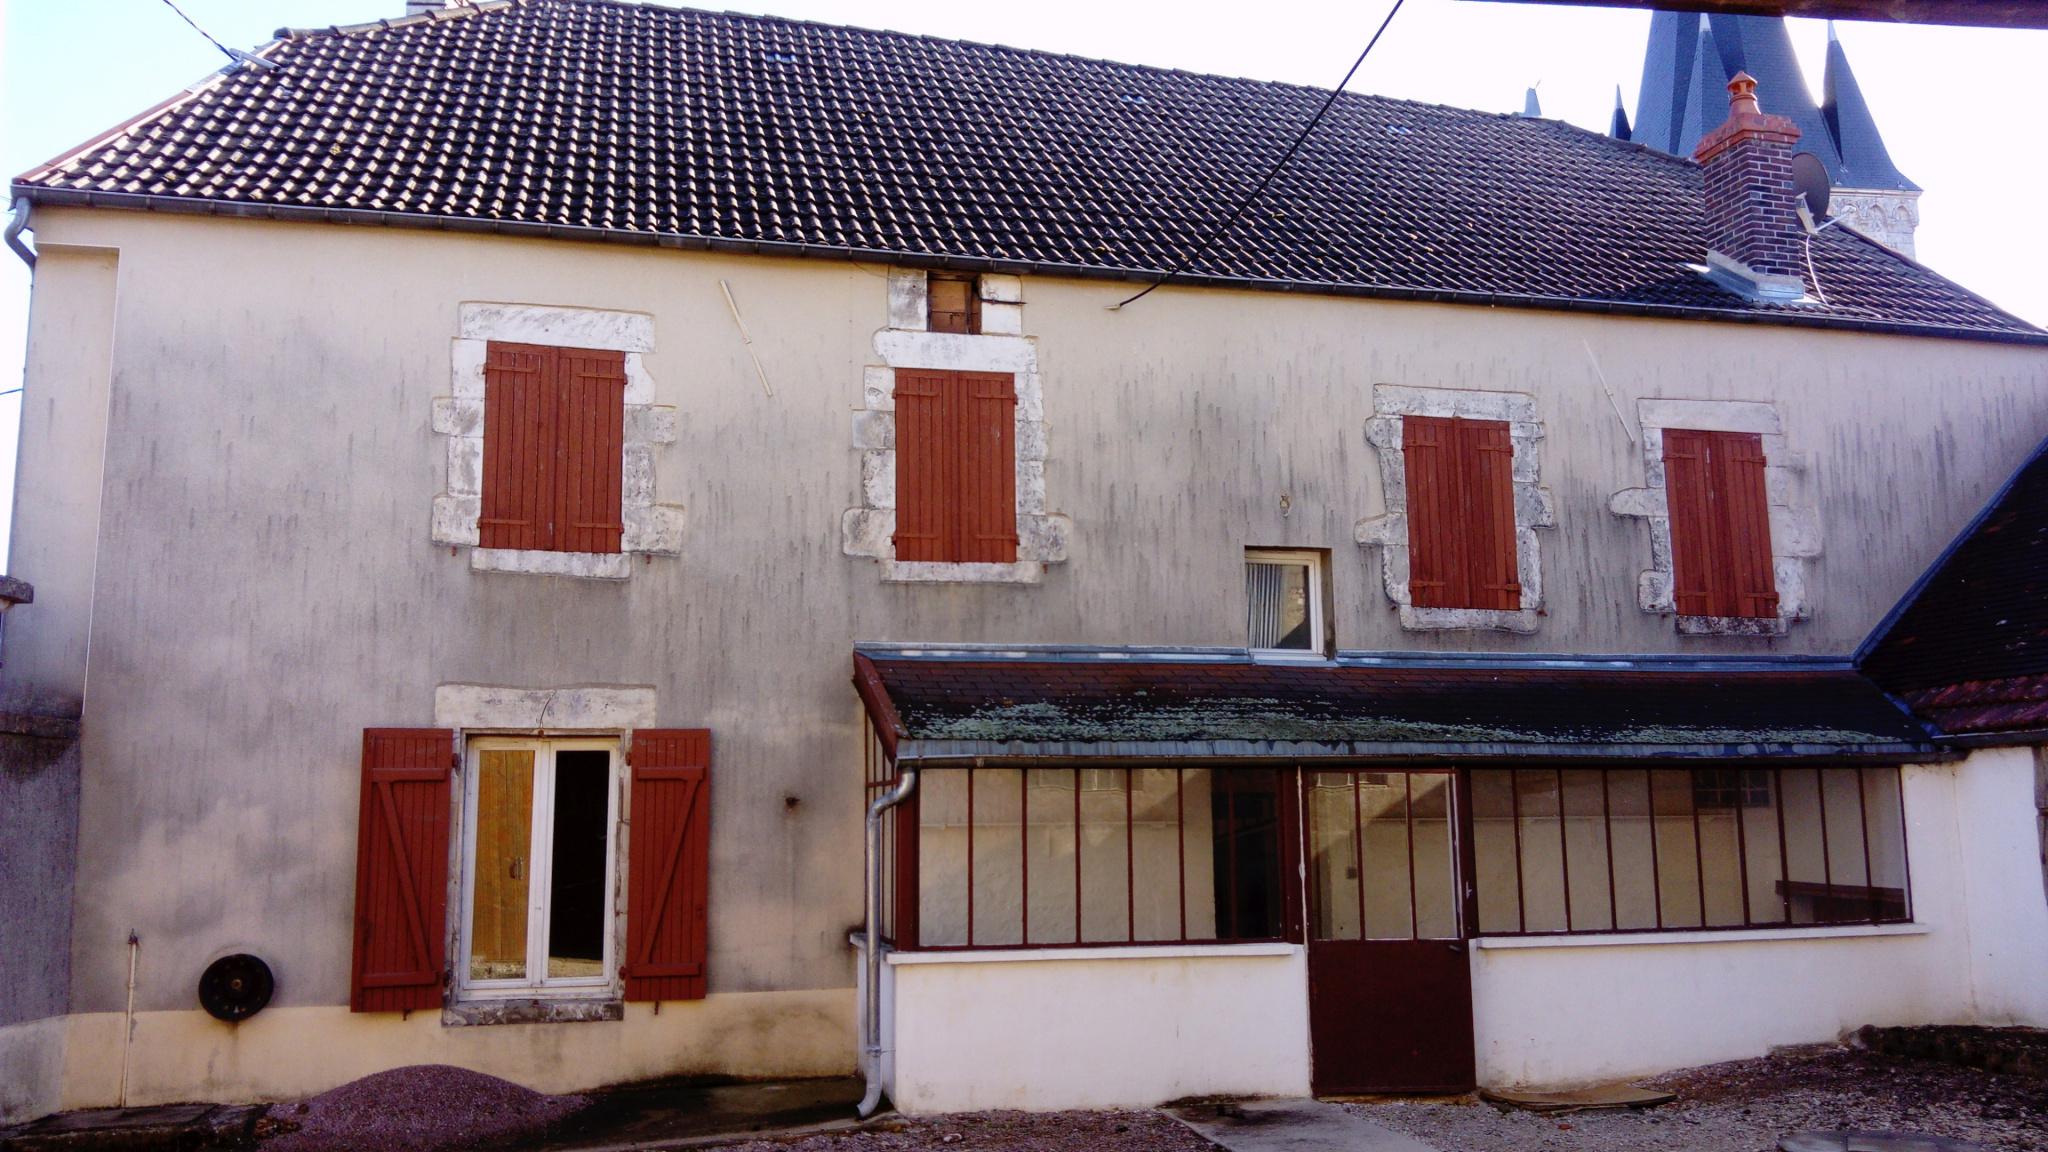 Maison ancienne rénovée de 3 chambres, spacieuse et lumineuse